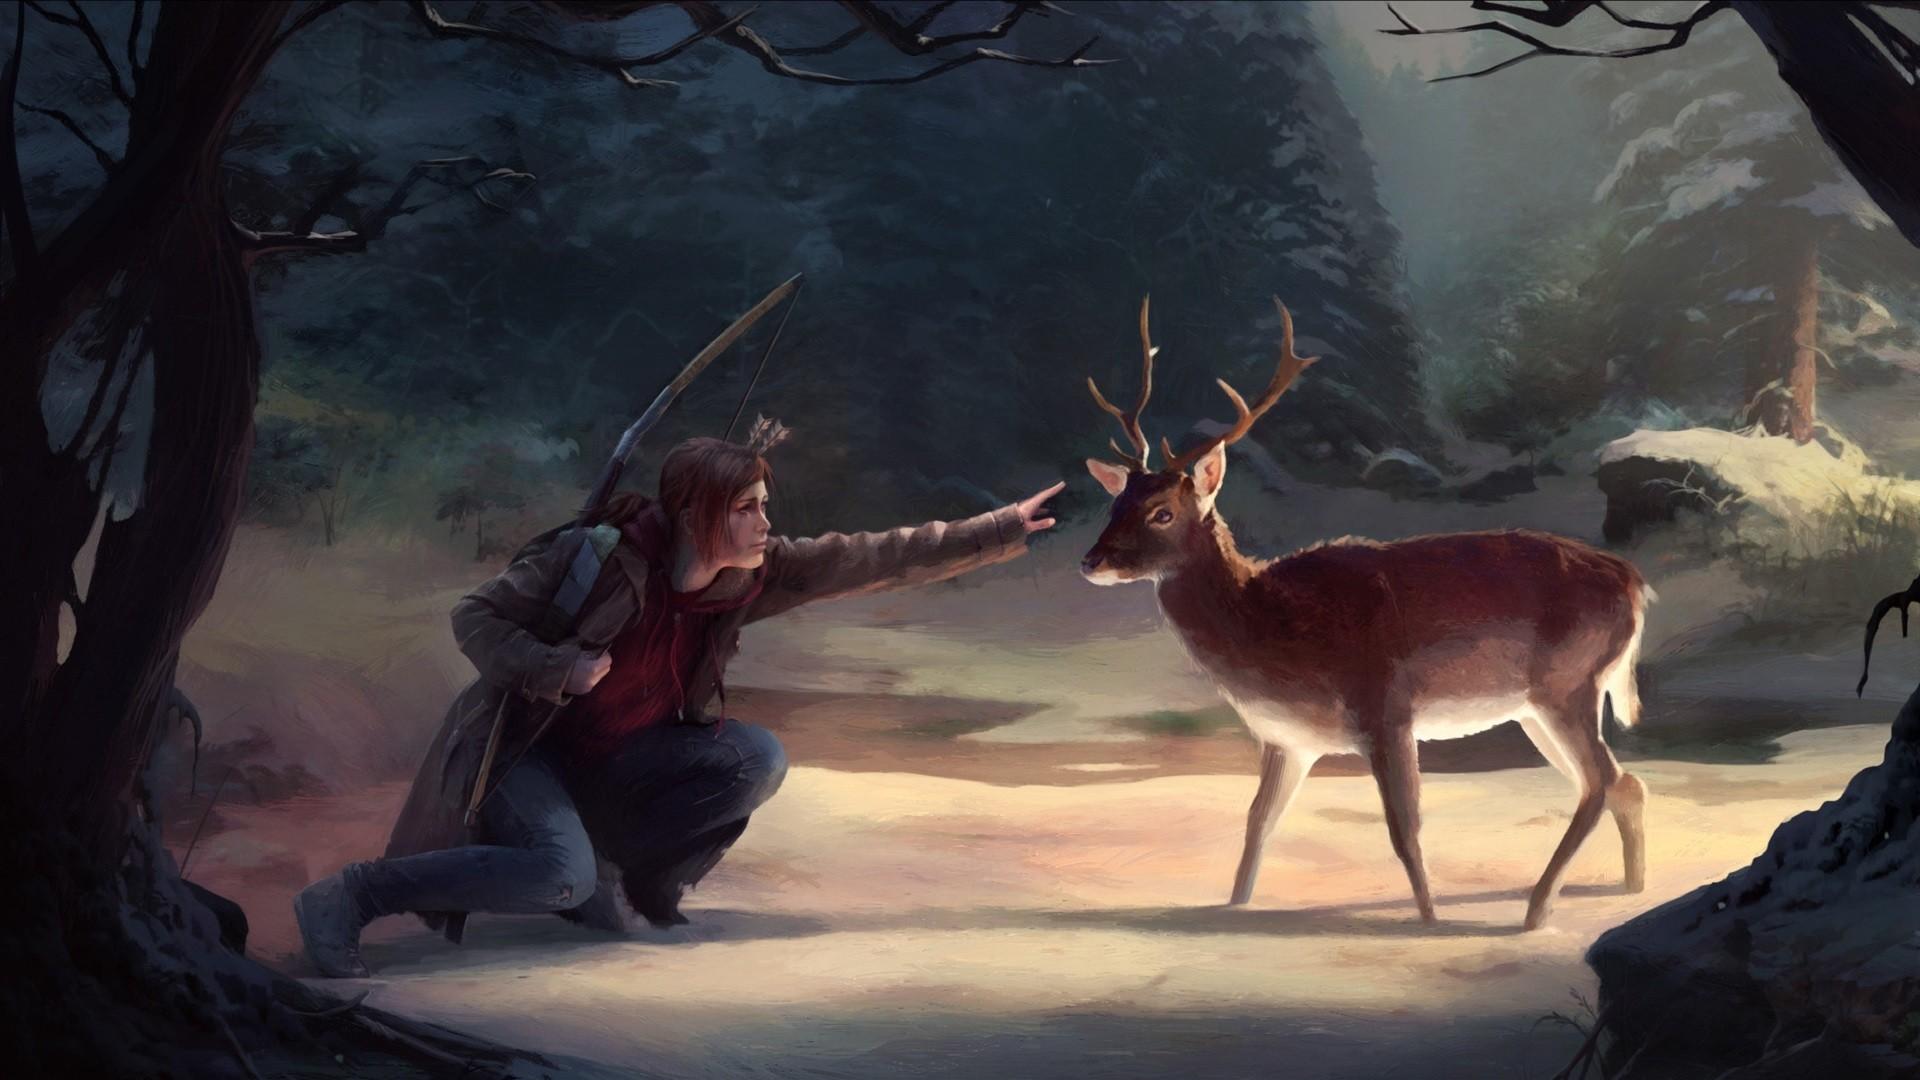 Wallpaper The Last Of Us, Video Game, Deer - Last Of Us 2 Fan Art , HD Wallpaper & Backgrounds